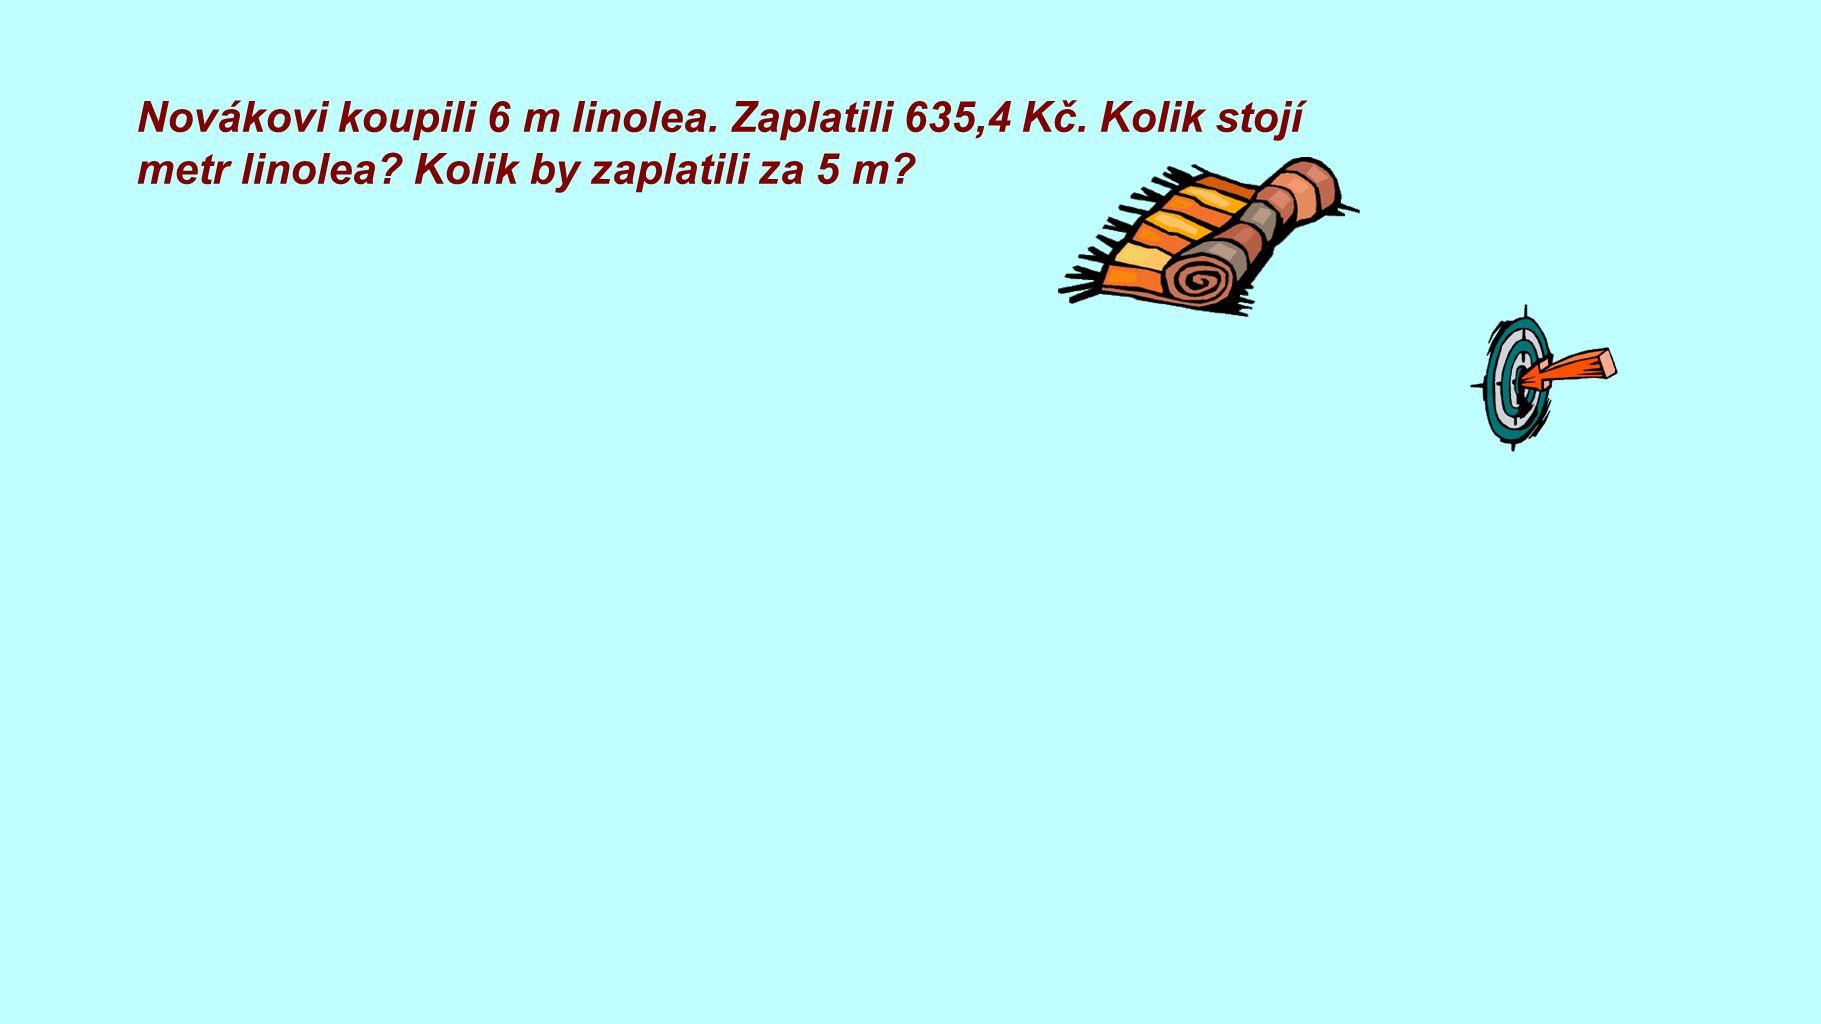 Novákovi koupili 6 m linolea. Zaplatili 635,4 Kč. Kolik stojí metr linolea? Kolik by zaplatili za 5 m? za 1 metr: 635,4 : 6 = 105,9 Kč za 5 metrů: 105